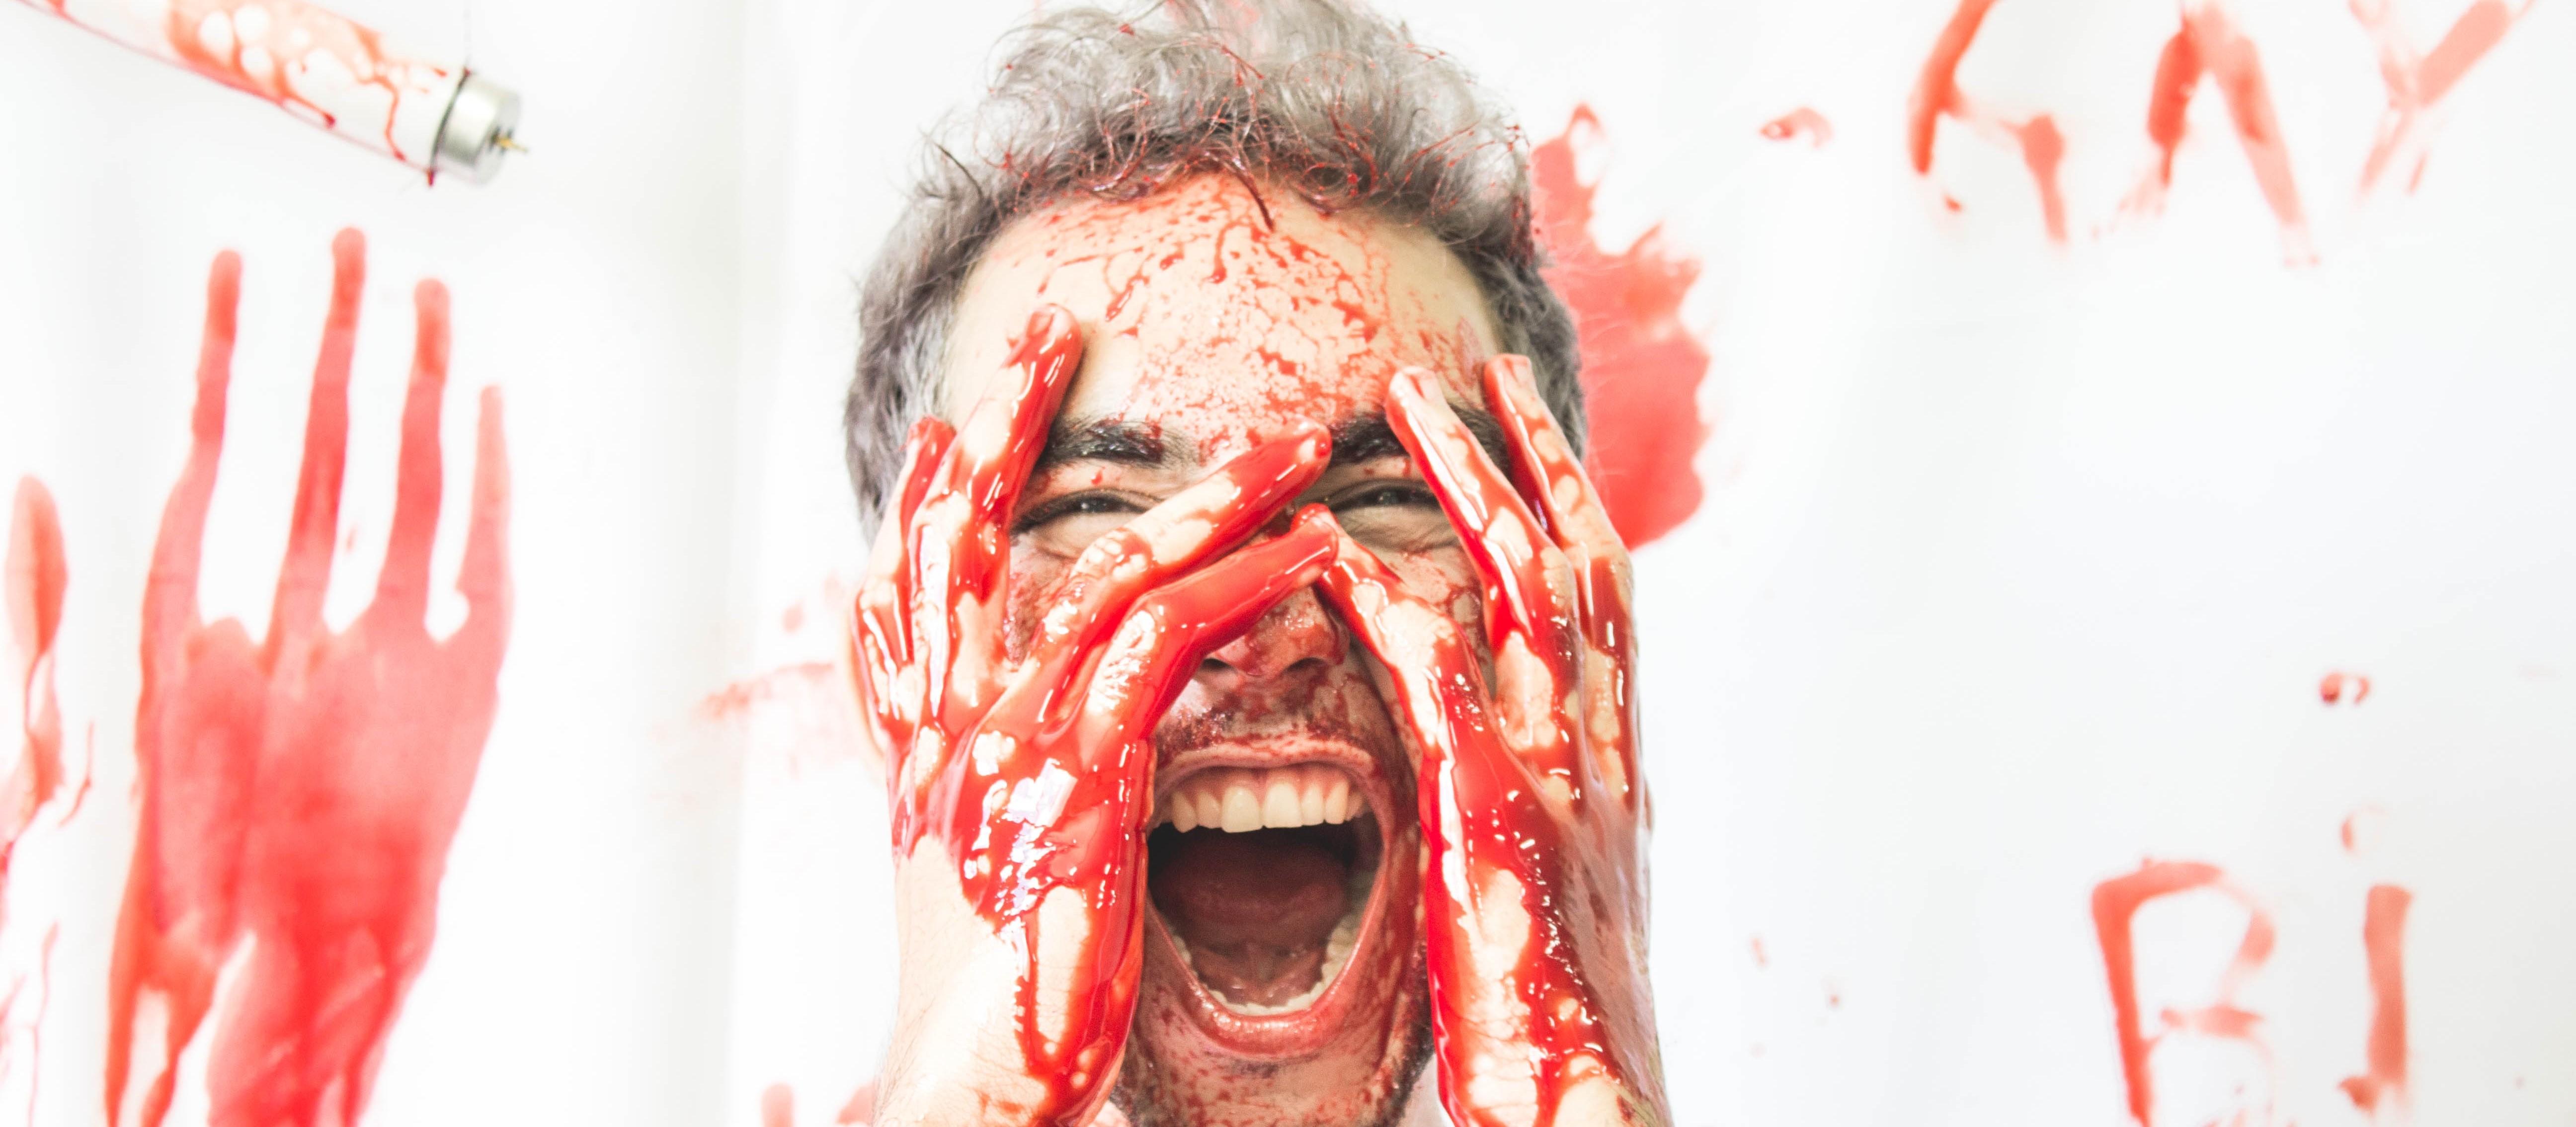 Fotos mostram violência contra população LGBTQI+